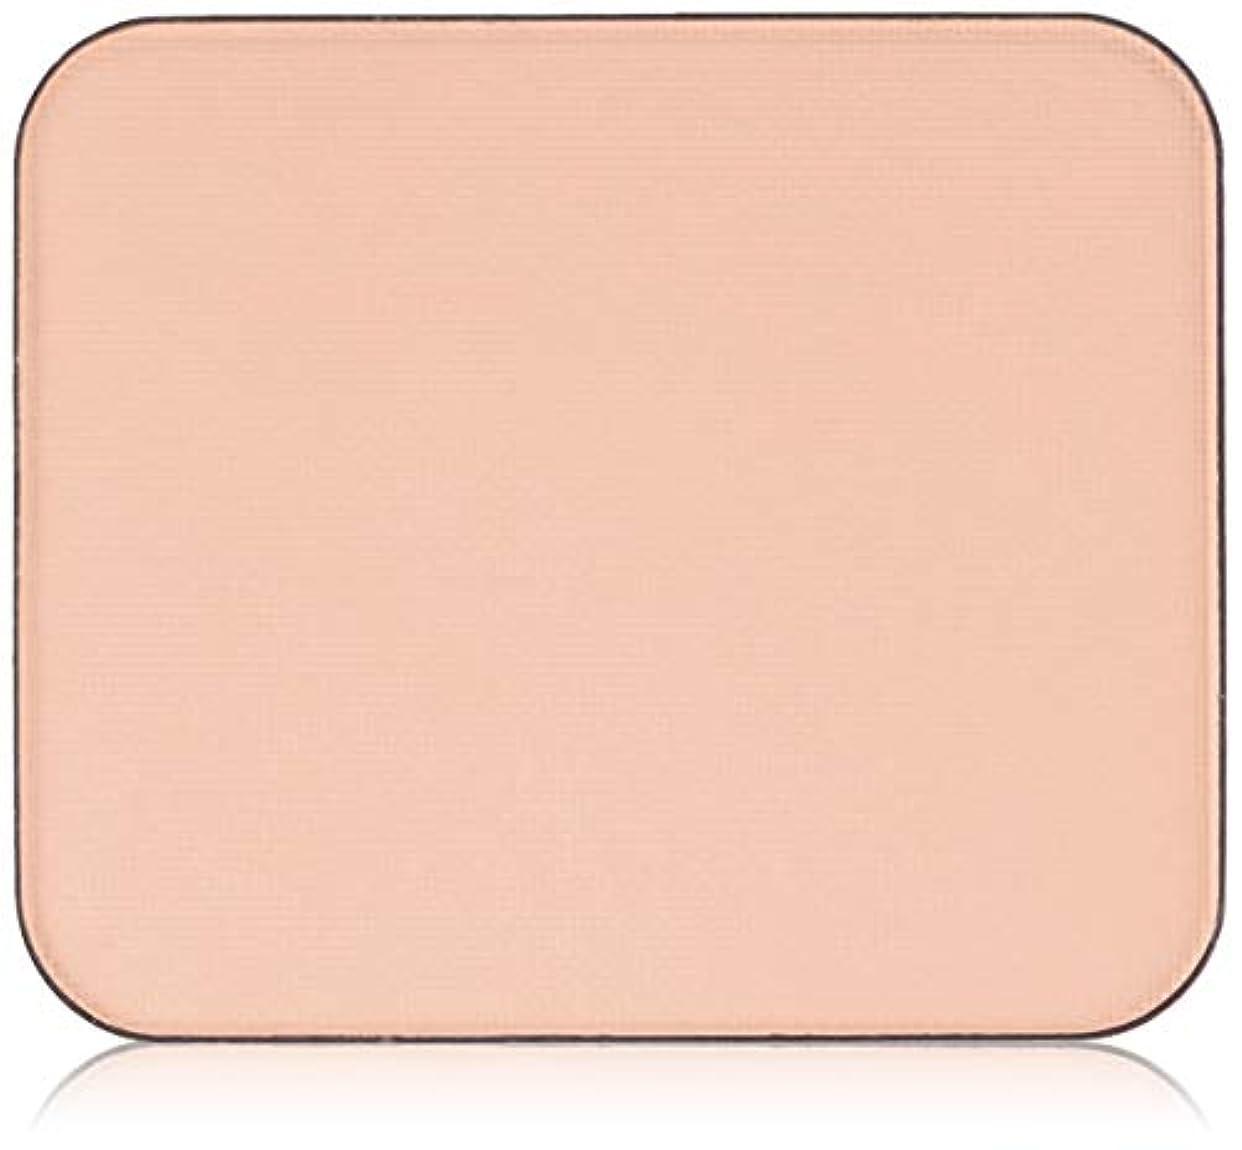 特徴識字切り下げCelvoke(セルヴォーク) インテントスキン パウダーファンデーション 全5色 101 明るいピンクオークル系